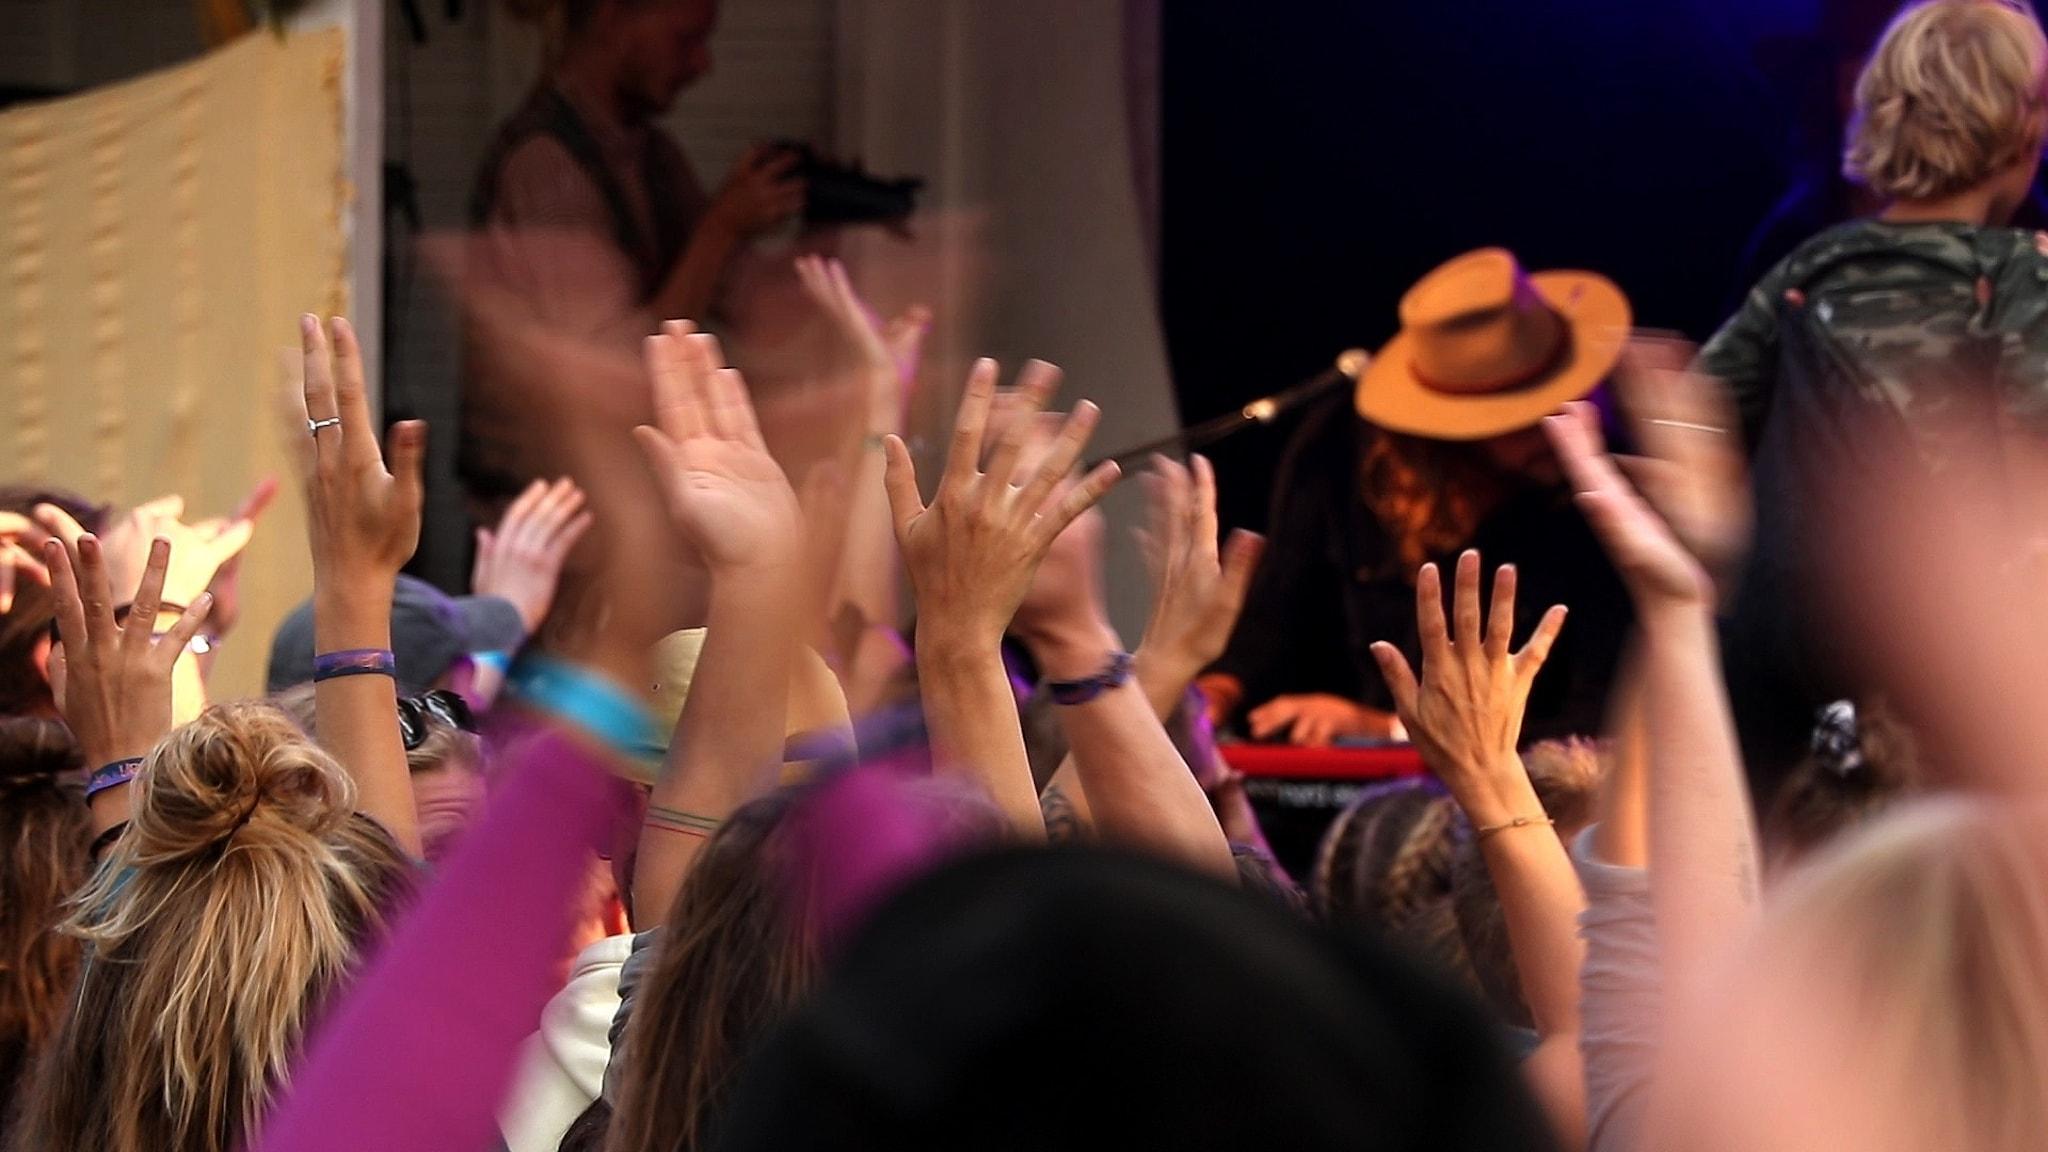 Bild: Händer i luften på konsert.